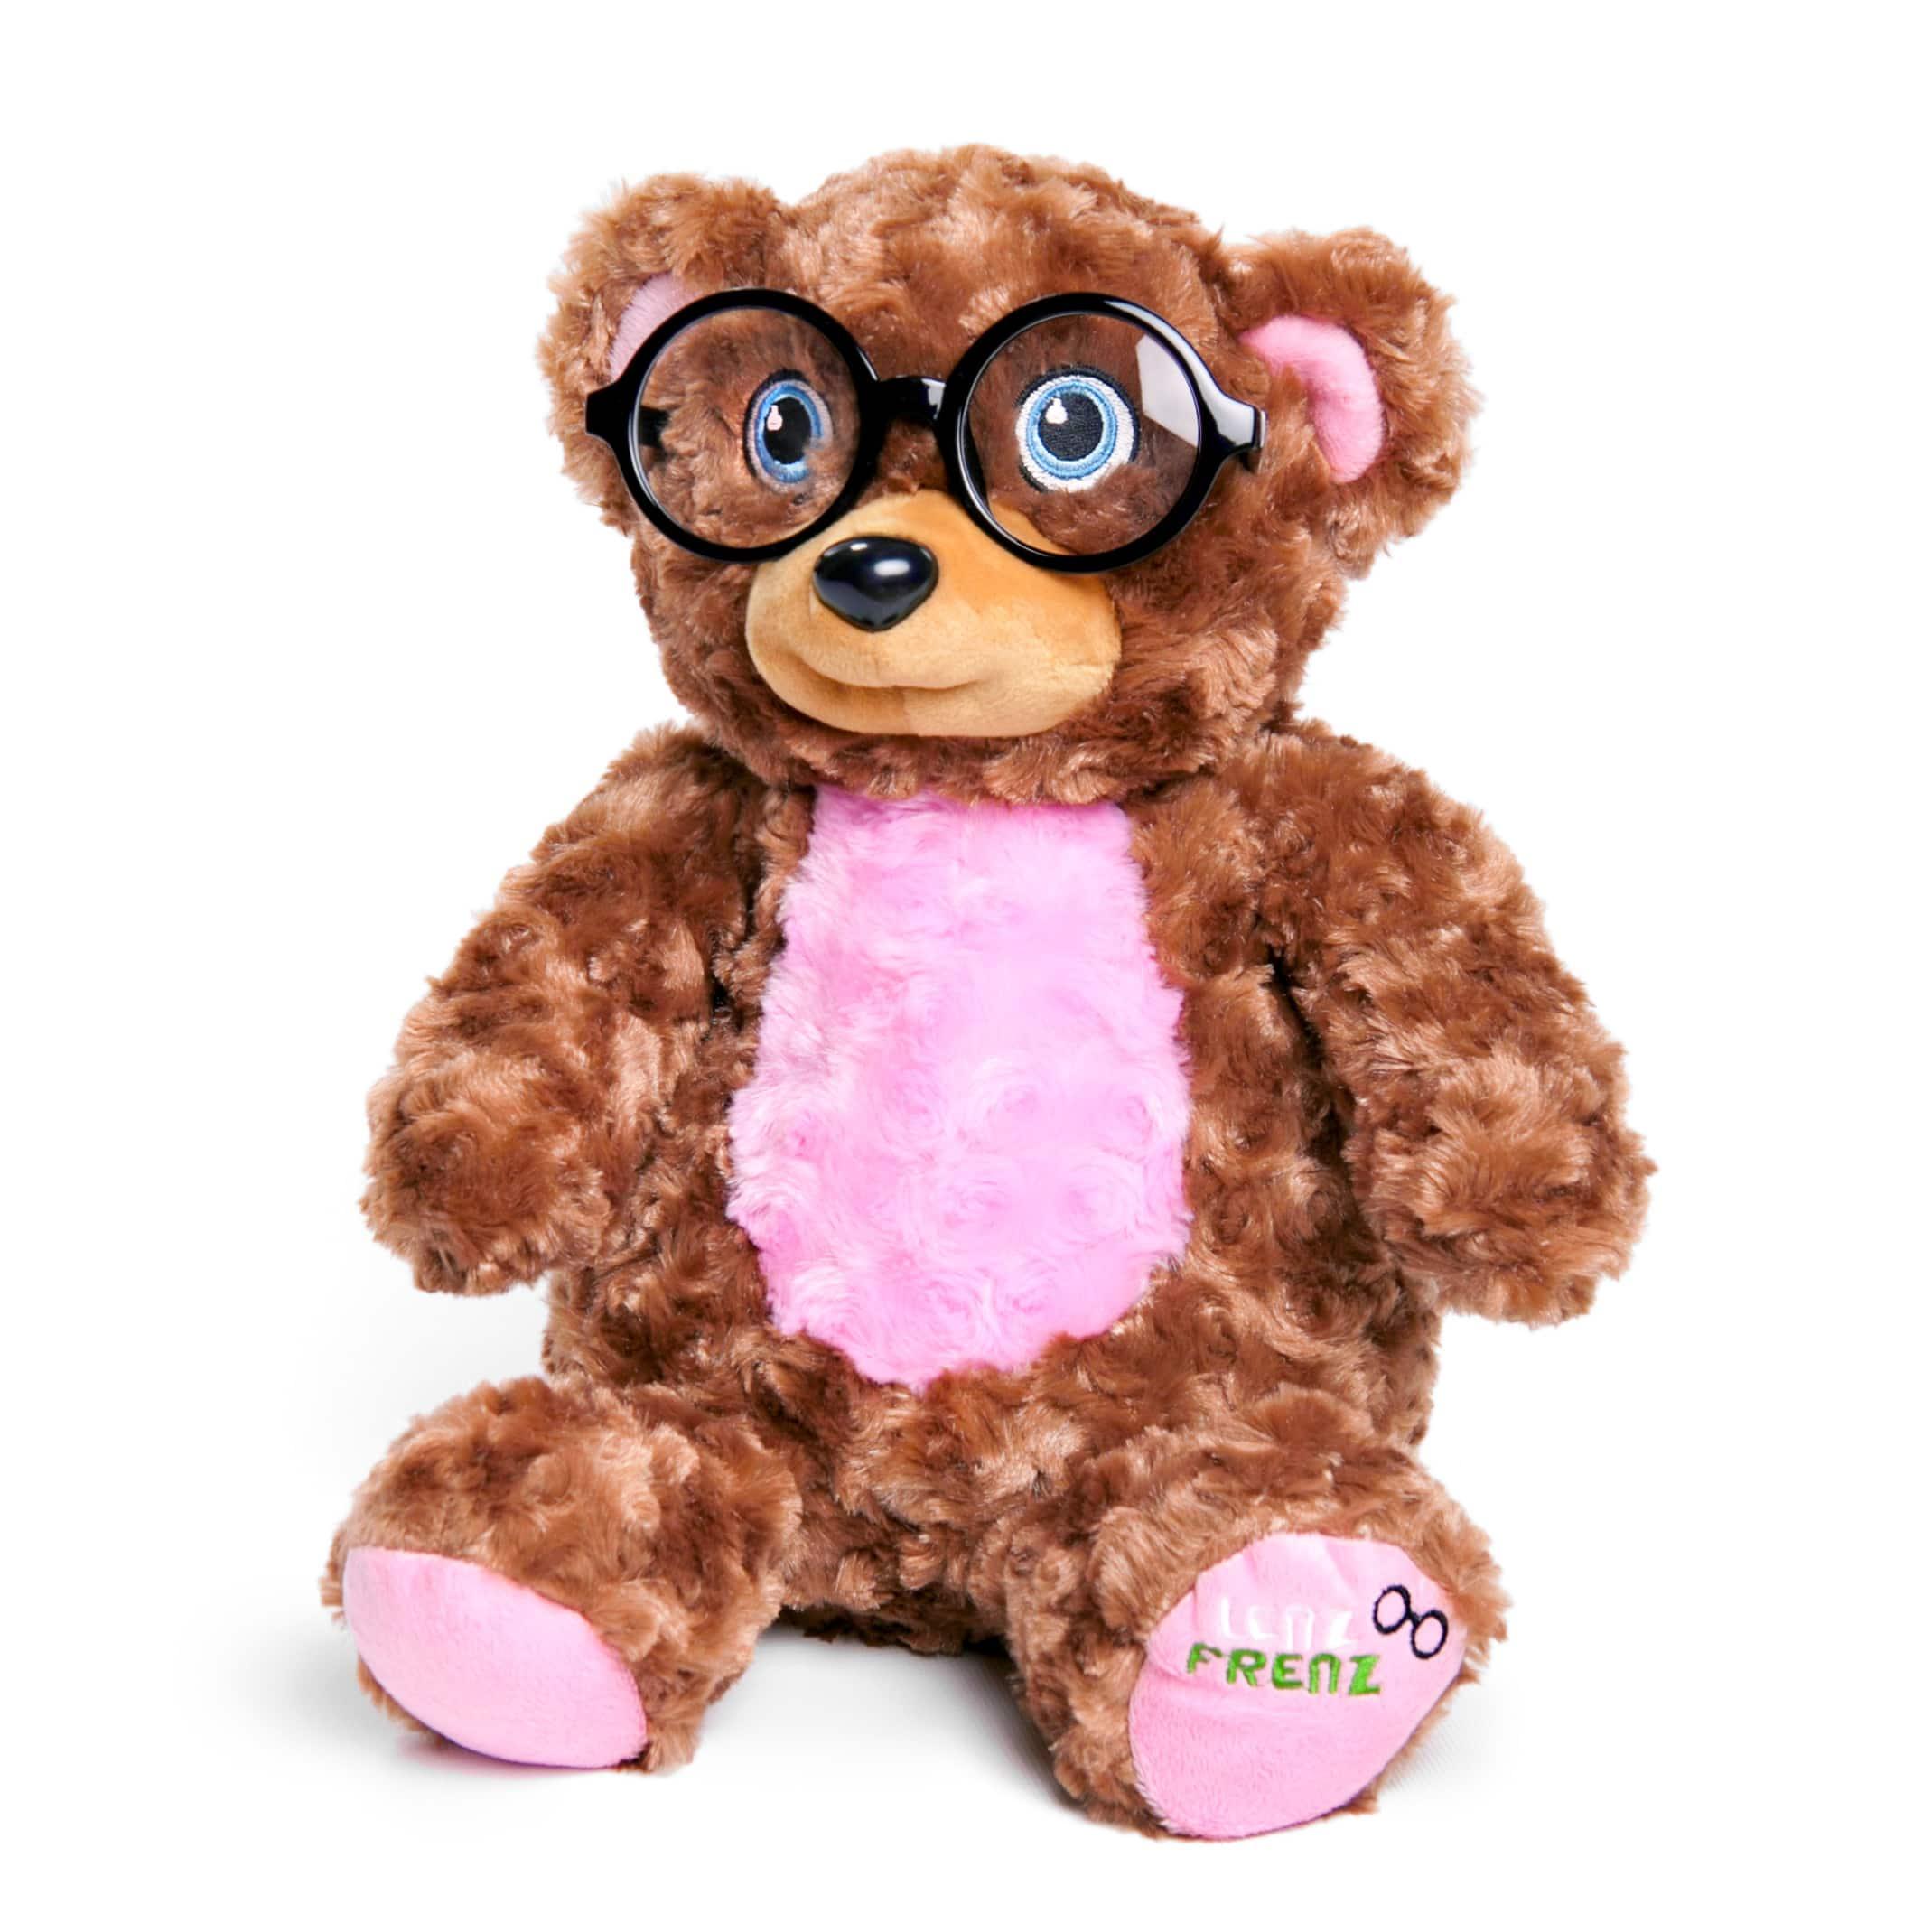 Lenz Frenz® Big Pink Teddy Glasses Holder 15″h – 20-20 Sight